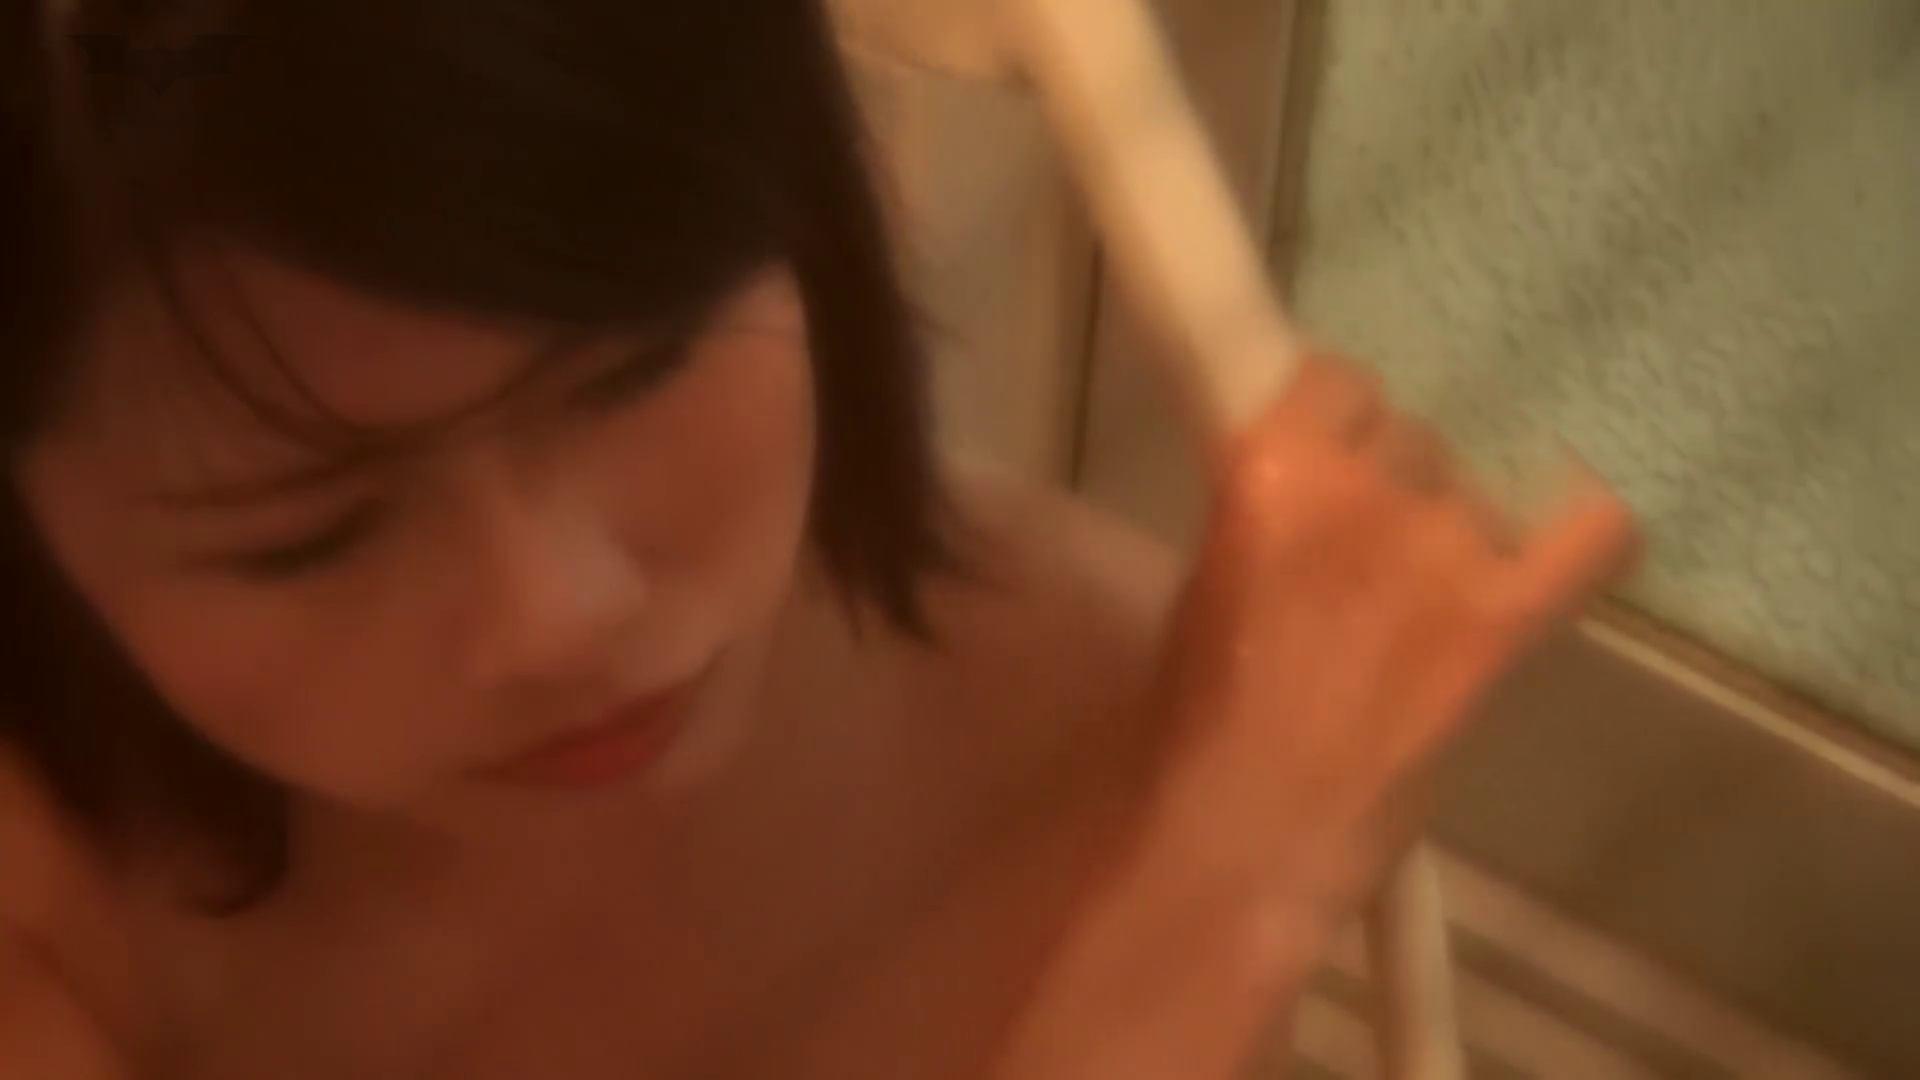 *華の女子寮ノゾキ* vol.02 Eカップがぷるぷる揺れるコ OL女体  95連発 3